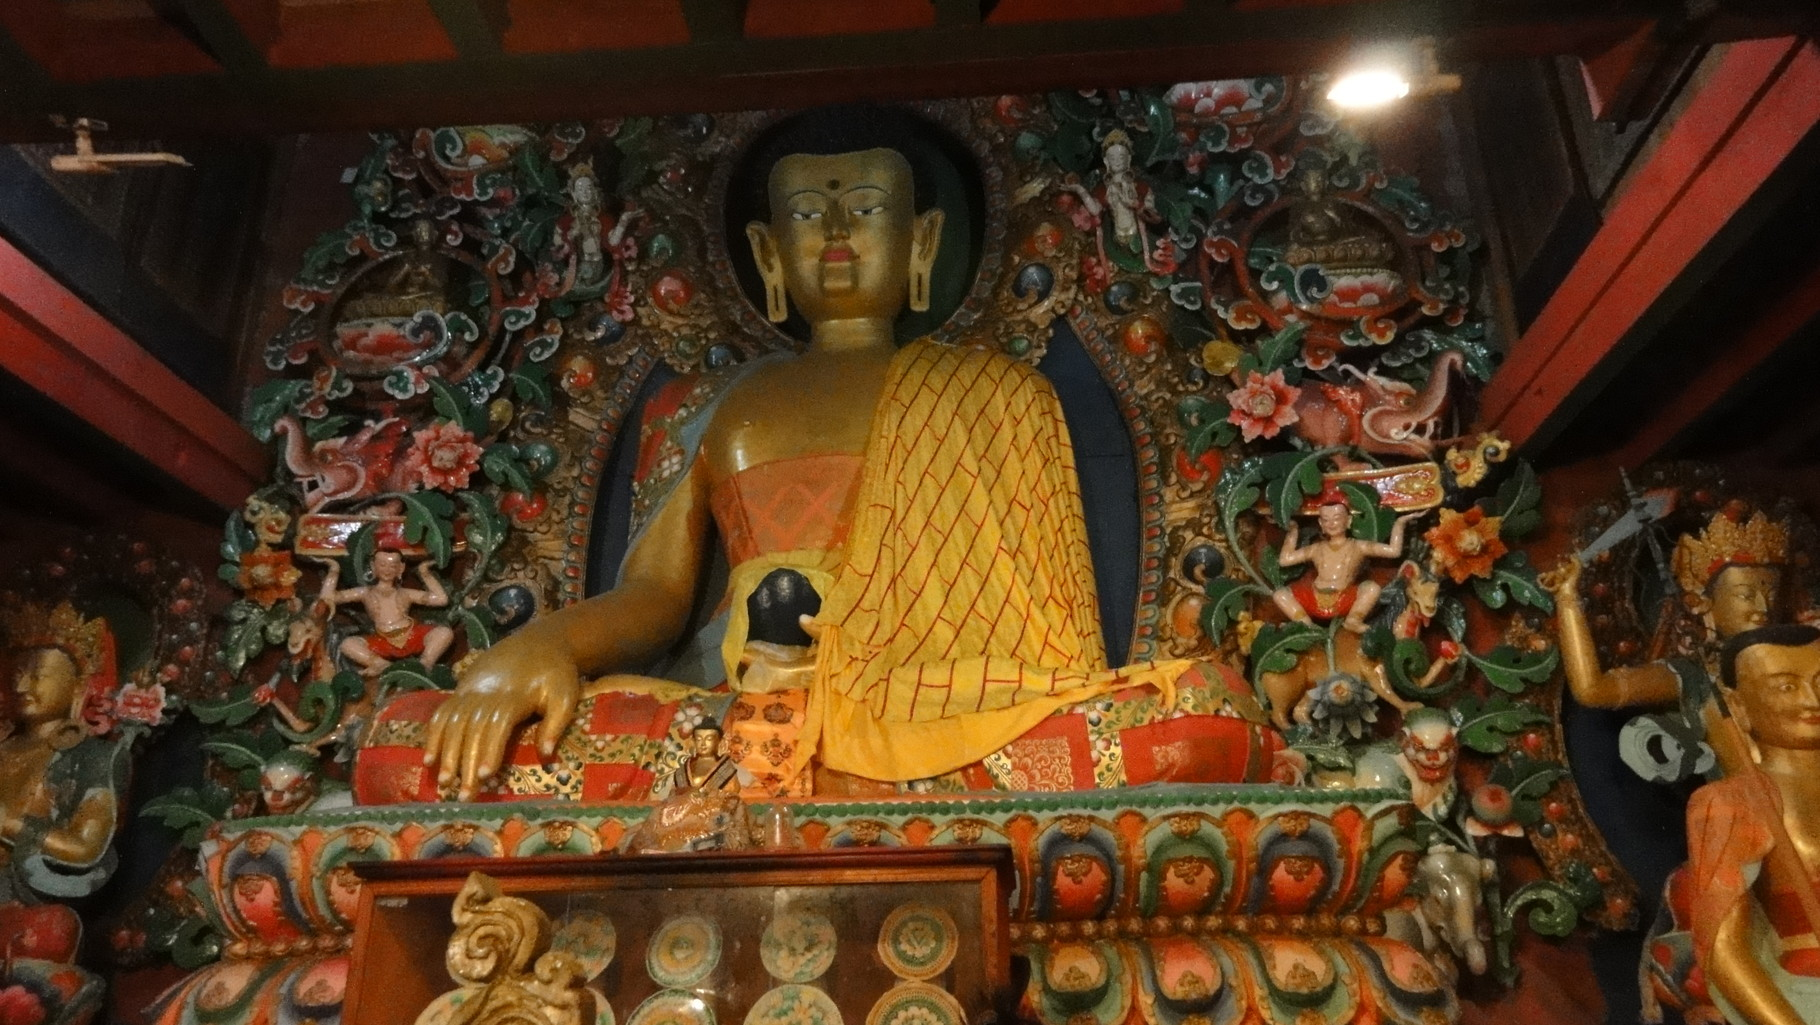 Ruhe und Ehrfurcht in der spirituellen Welt erleben